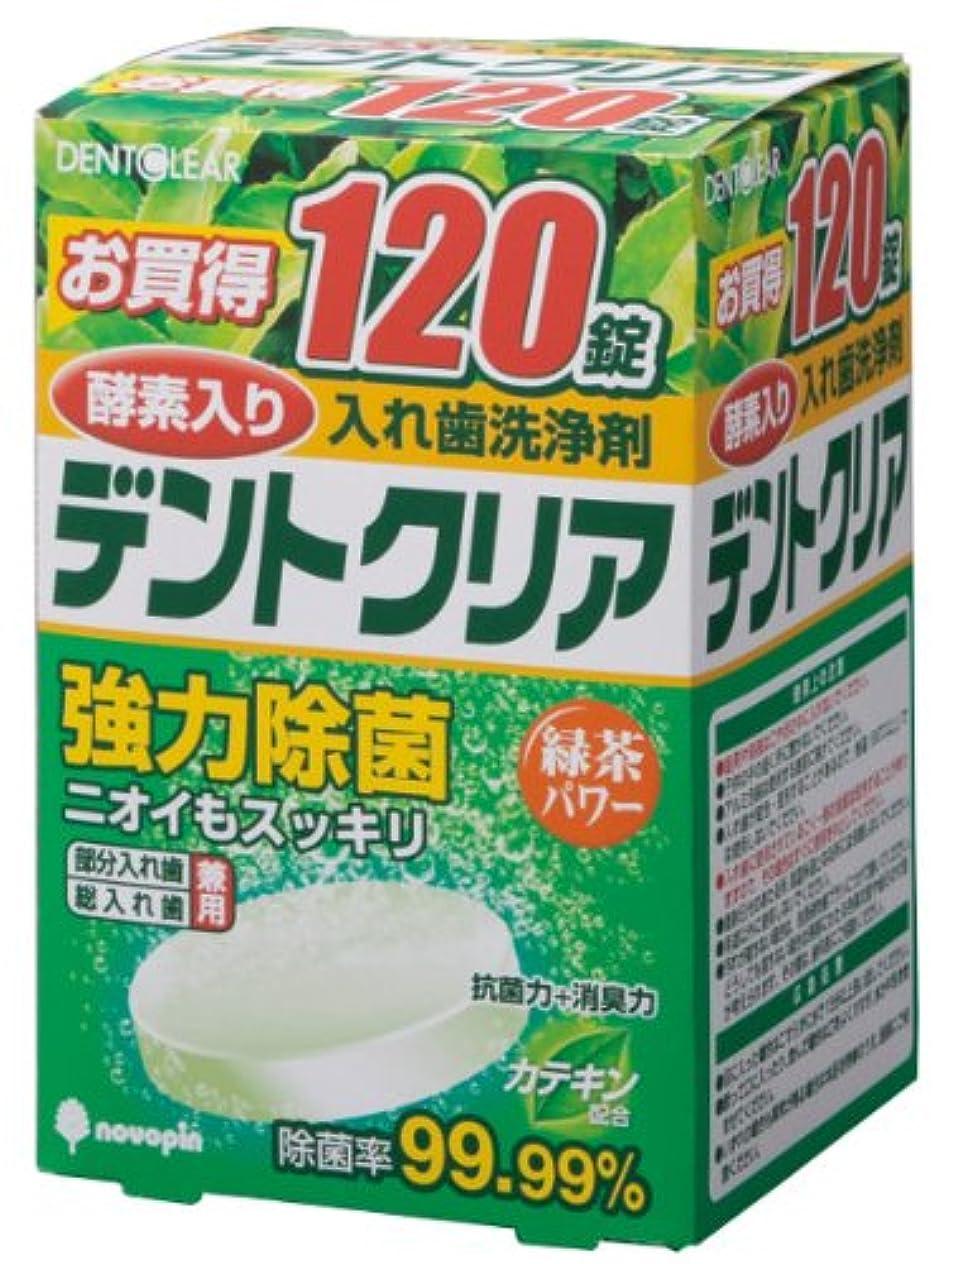 誇張する旧正月親愛な紀陽除虫菊 入れ歯洗浄剤 (酵素入り) デントクリア 緑茶パワー (部分入れ歯 総入れ歯兼用) 120錠入